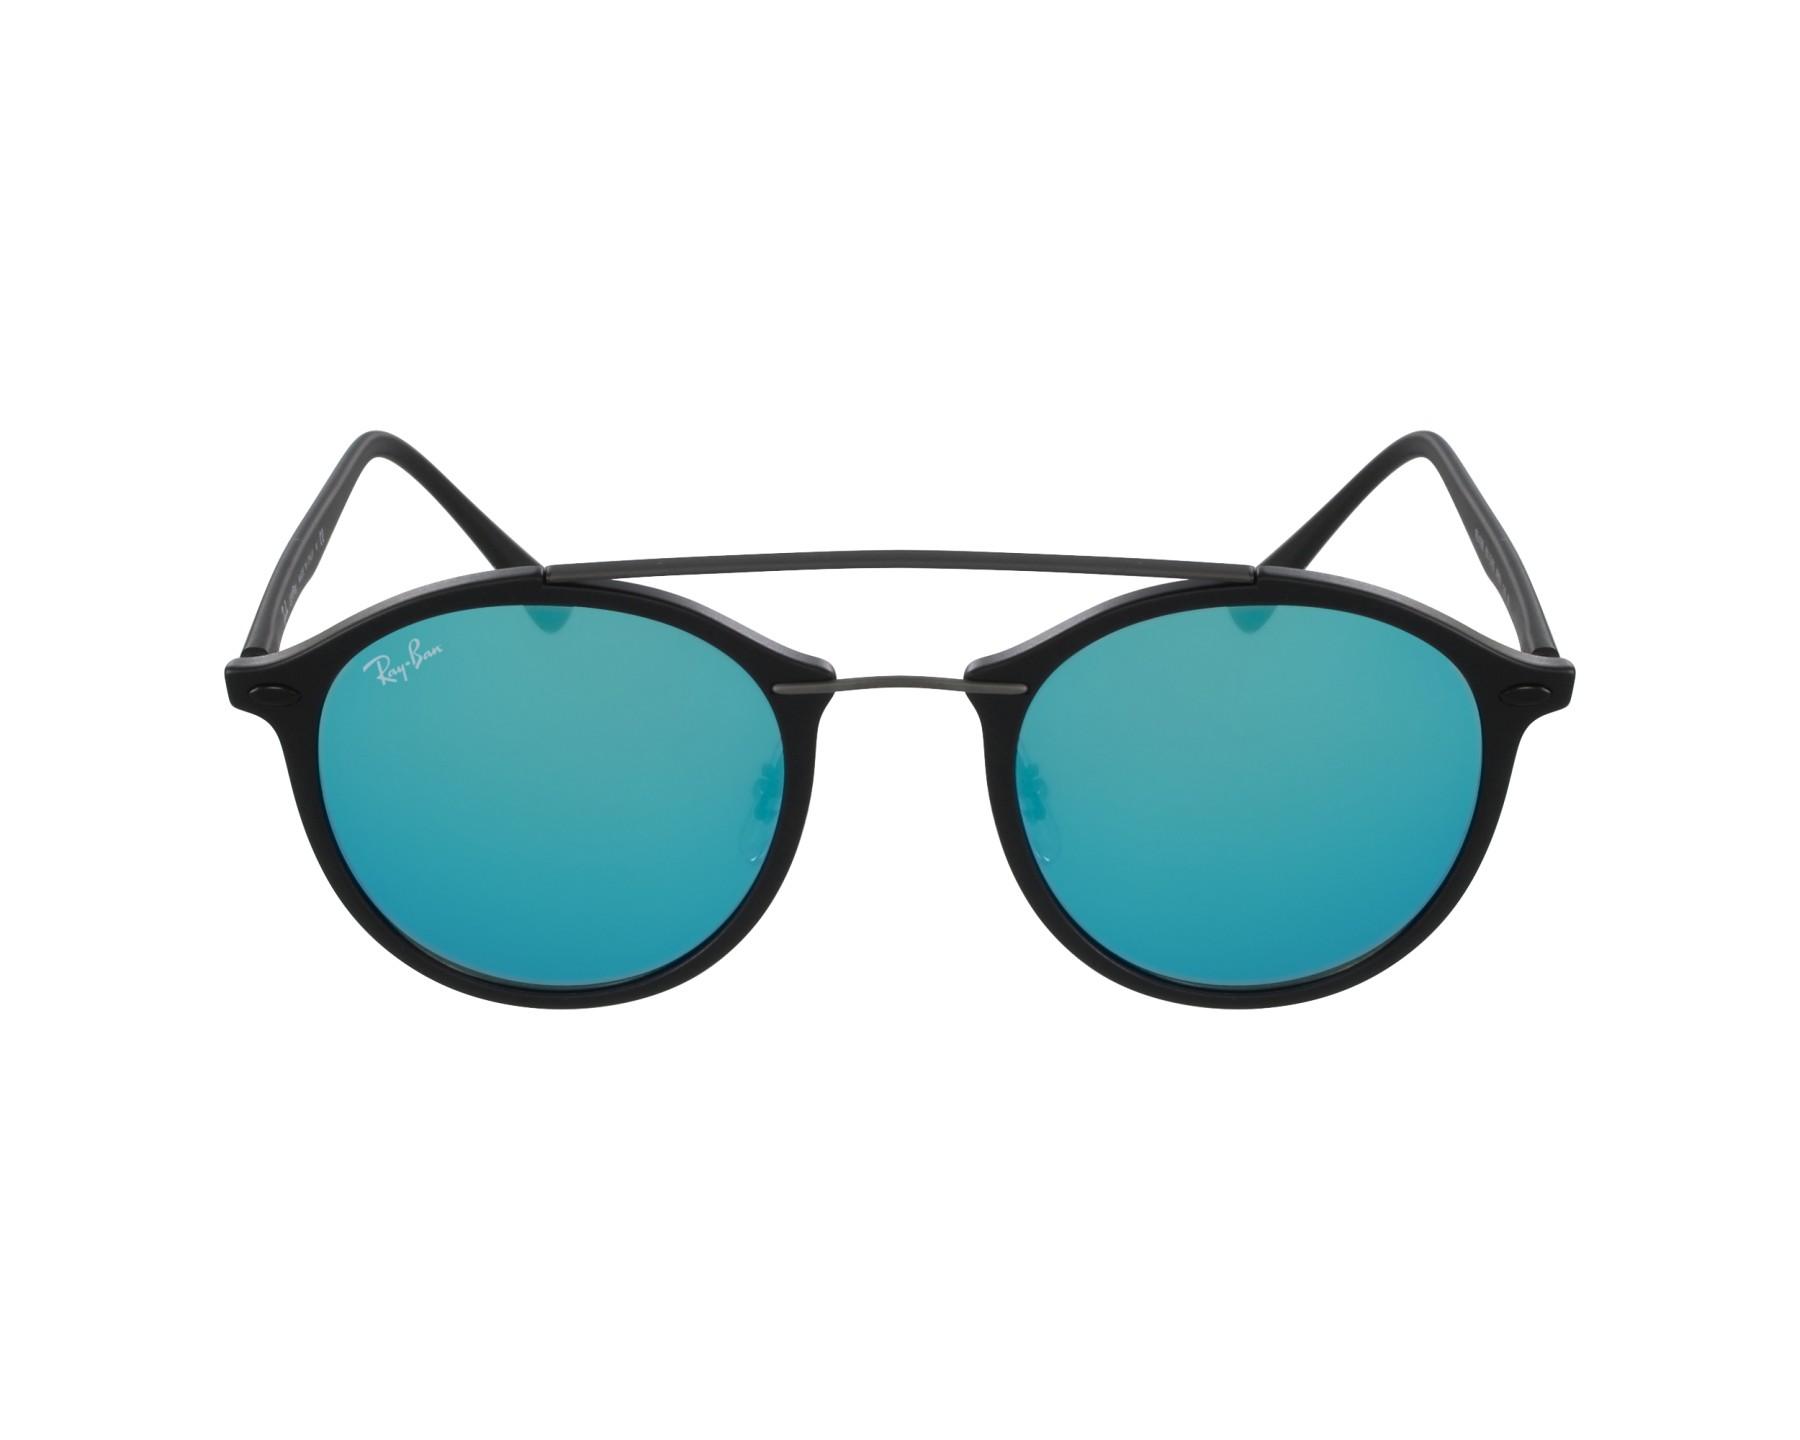 lunettes de soleil ray ban rb 4266 601s55 noir avec des verres gris vert pour hommes. Black Bedroom Furniture Sets. Home Design Ideas